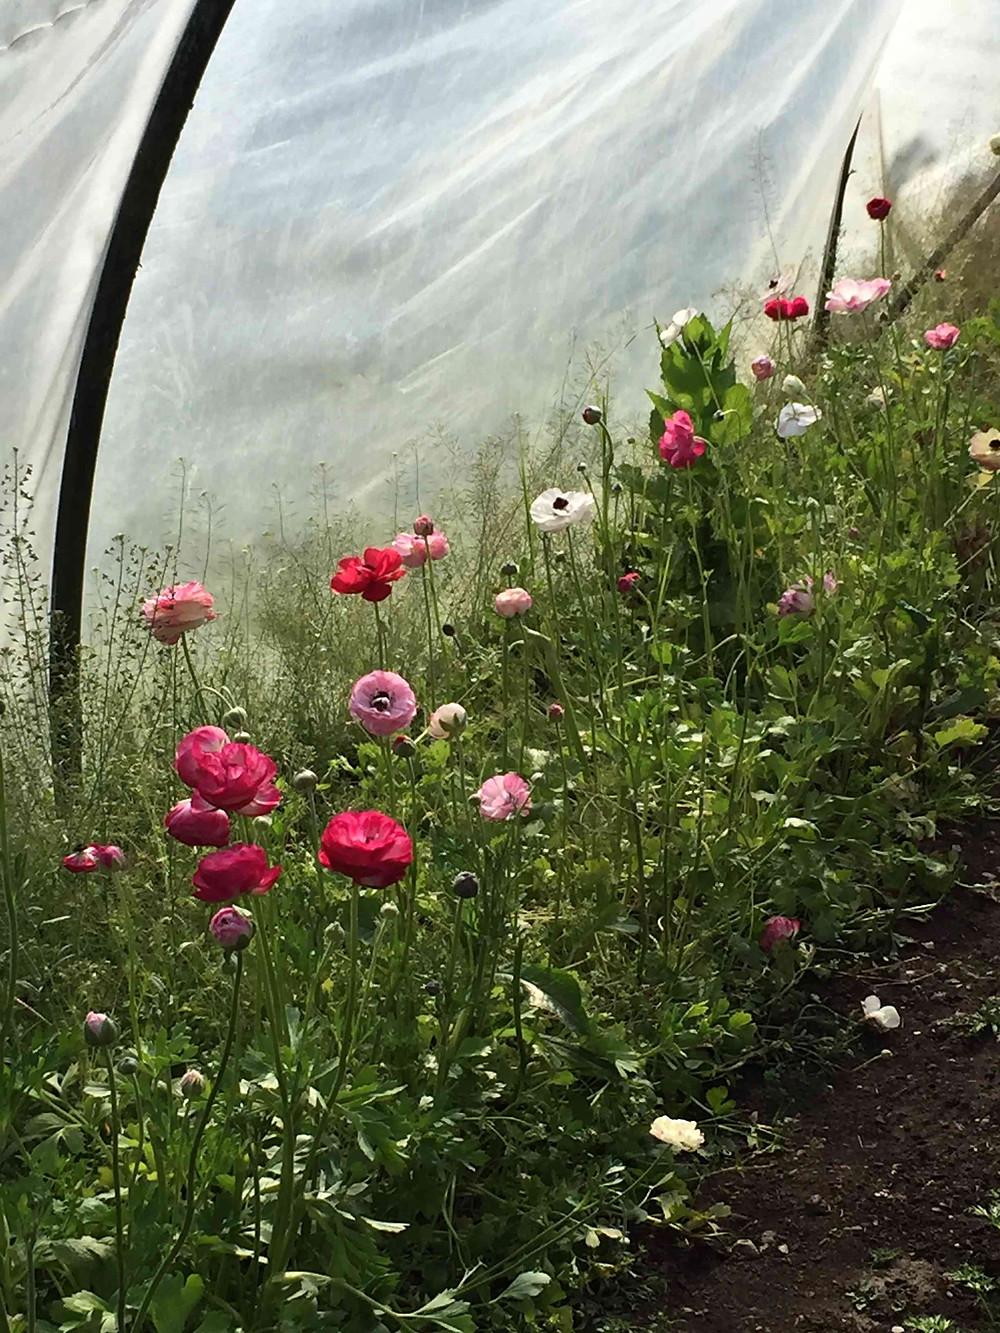 raspberry and basil tart + deans court's kitchen garden (tarte aux framboises et basilic potager de deans court sistersjunction